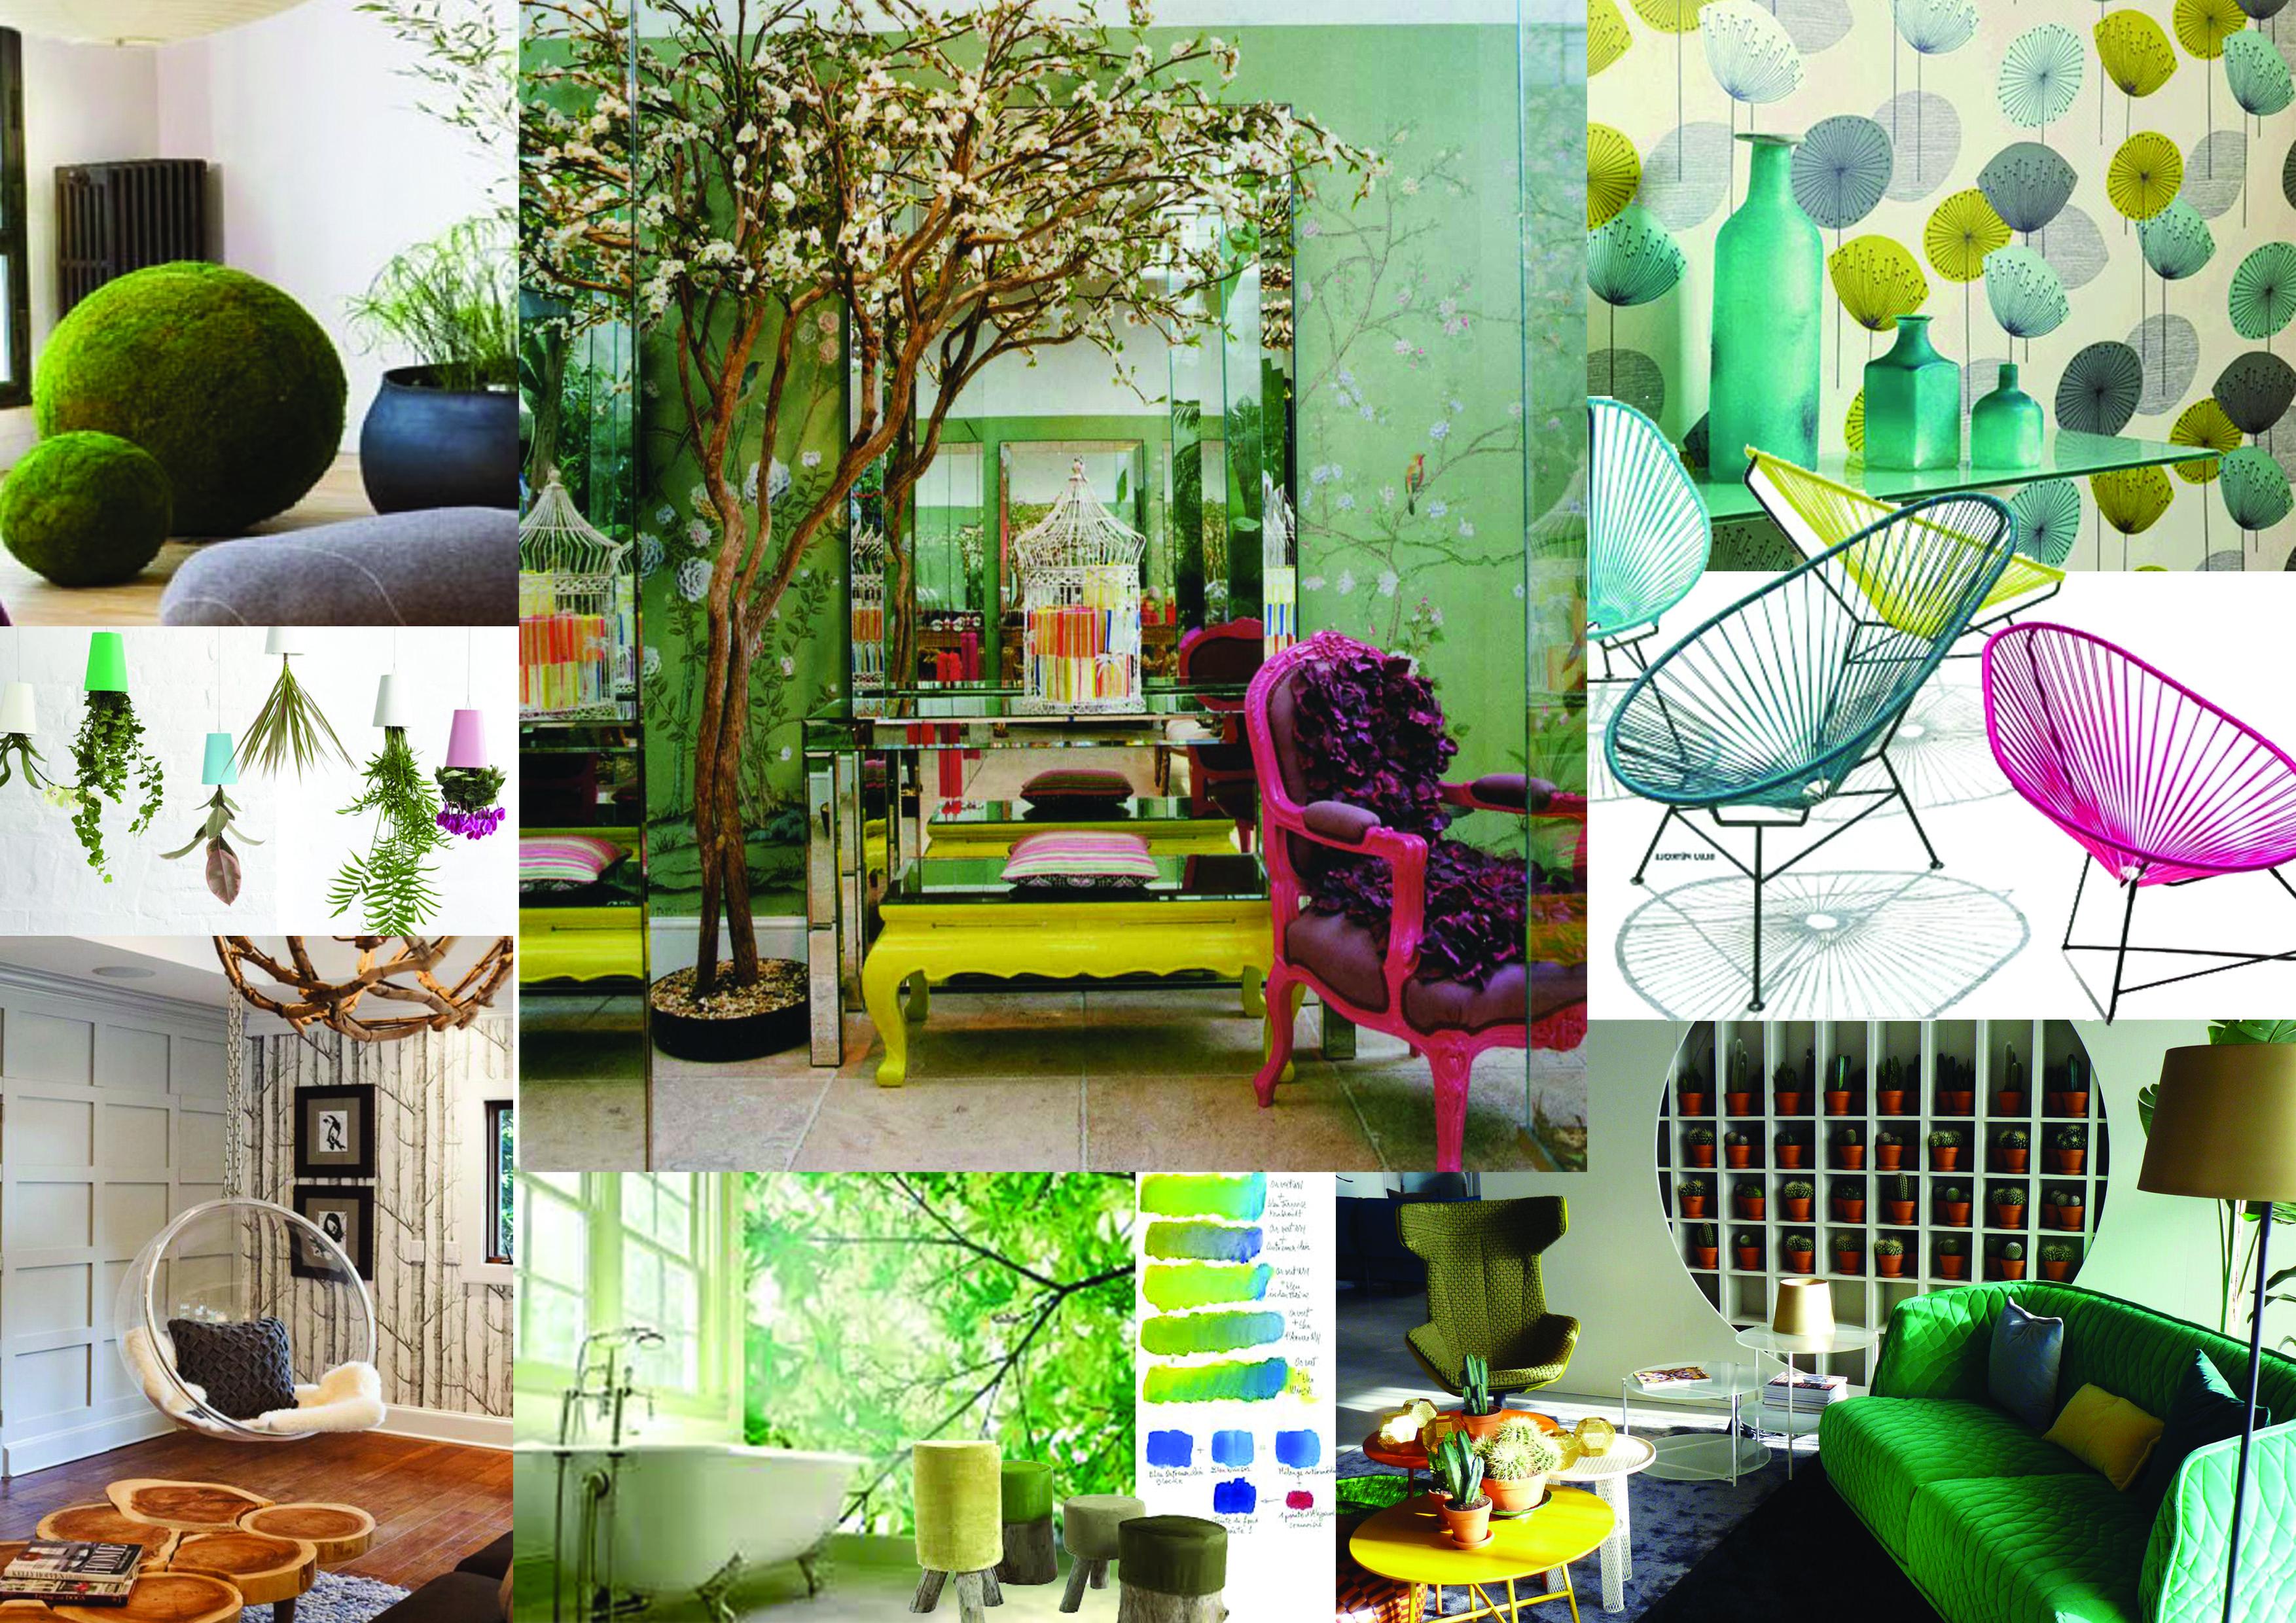 Conseil decoration interieure meilleures images d for Conseils decoration maison